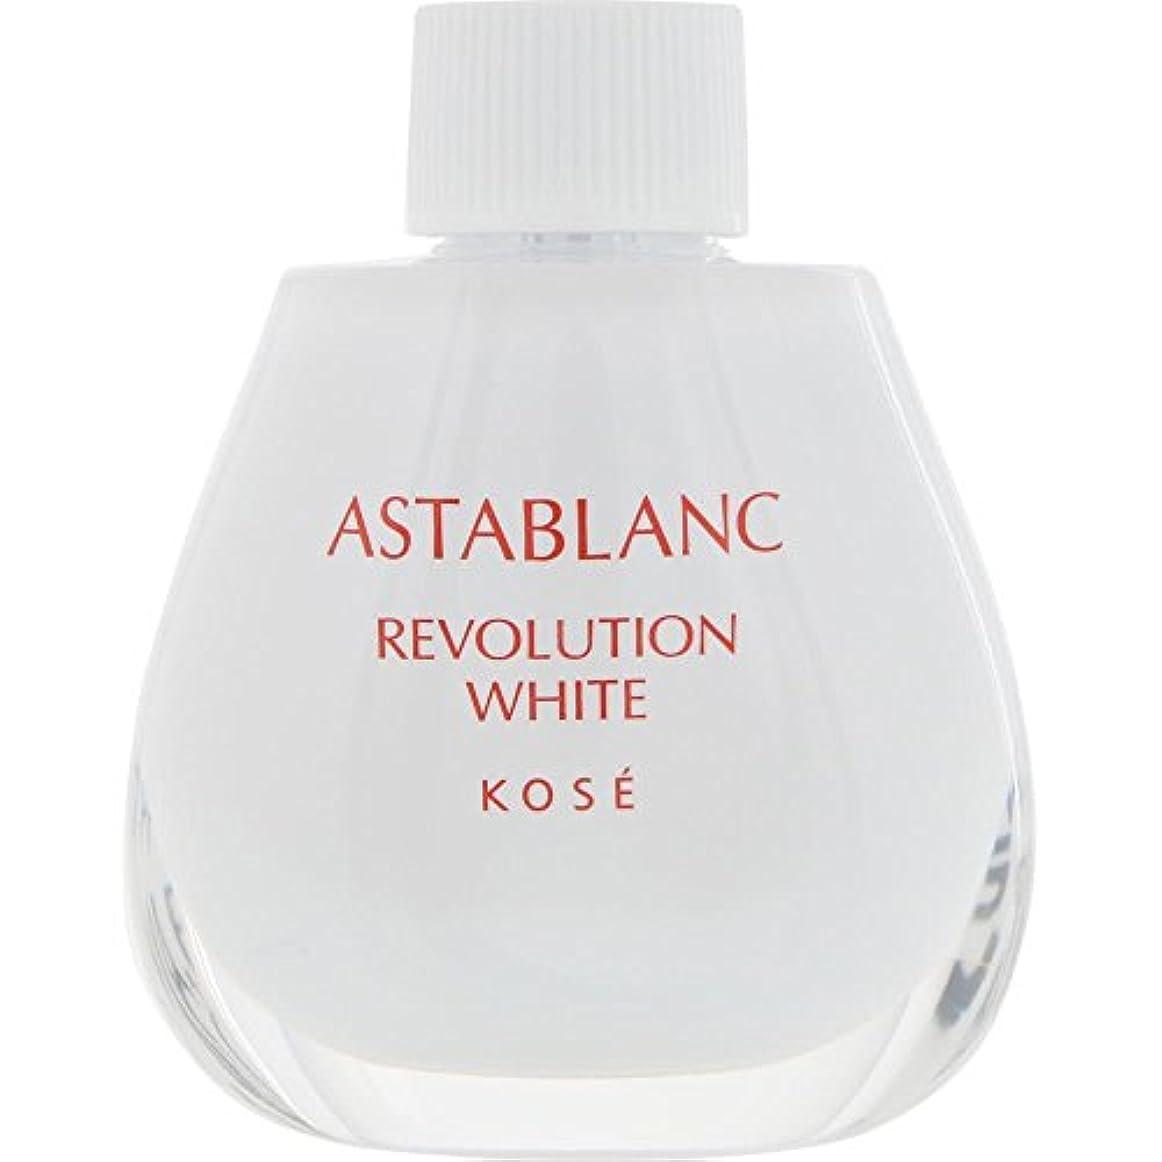 おしゃれな用量複製する[医薬部外品] アスタブラン レボリューション ホワイト (付けかえ用) 30mL